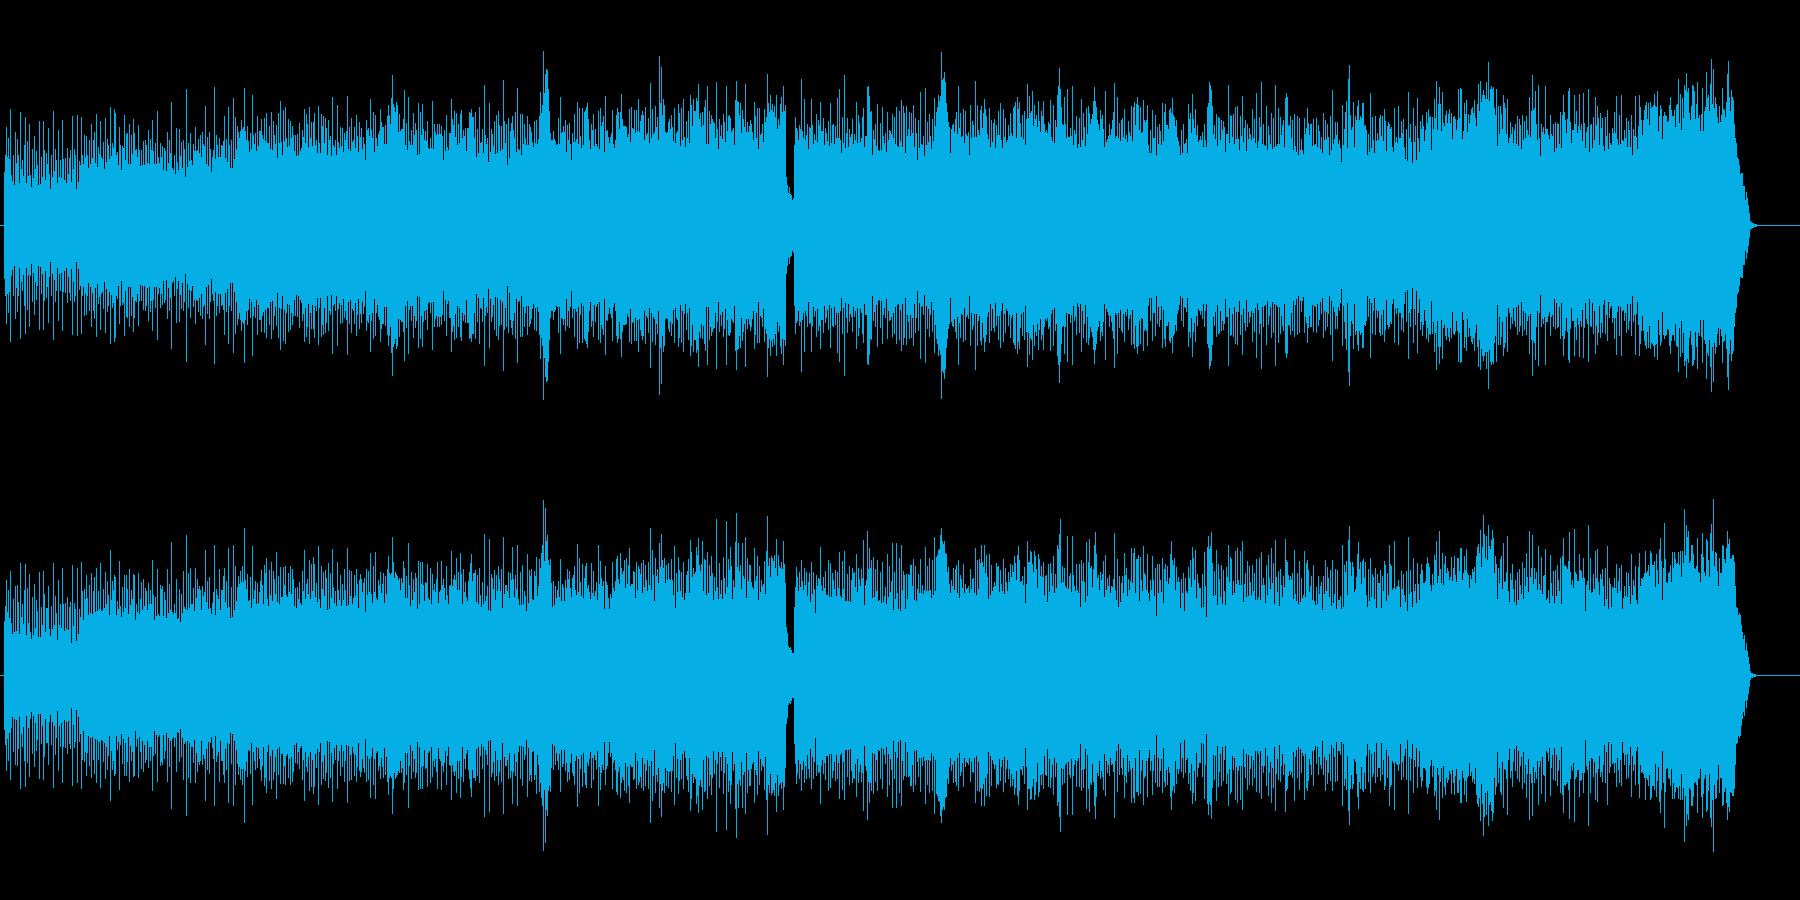 ヘヴィで疾走感のあるメタルBGMの再生済みの波形